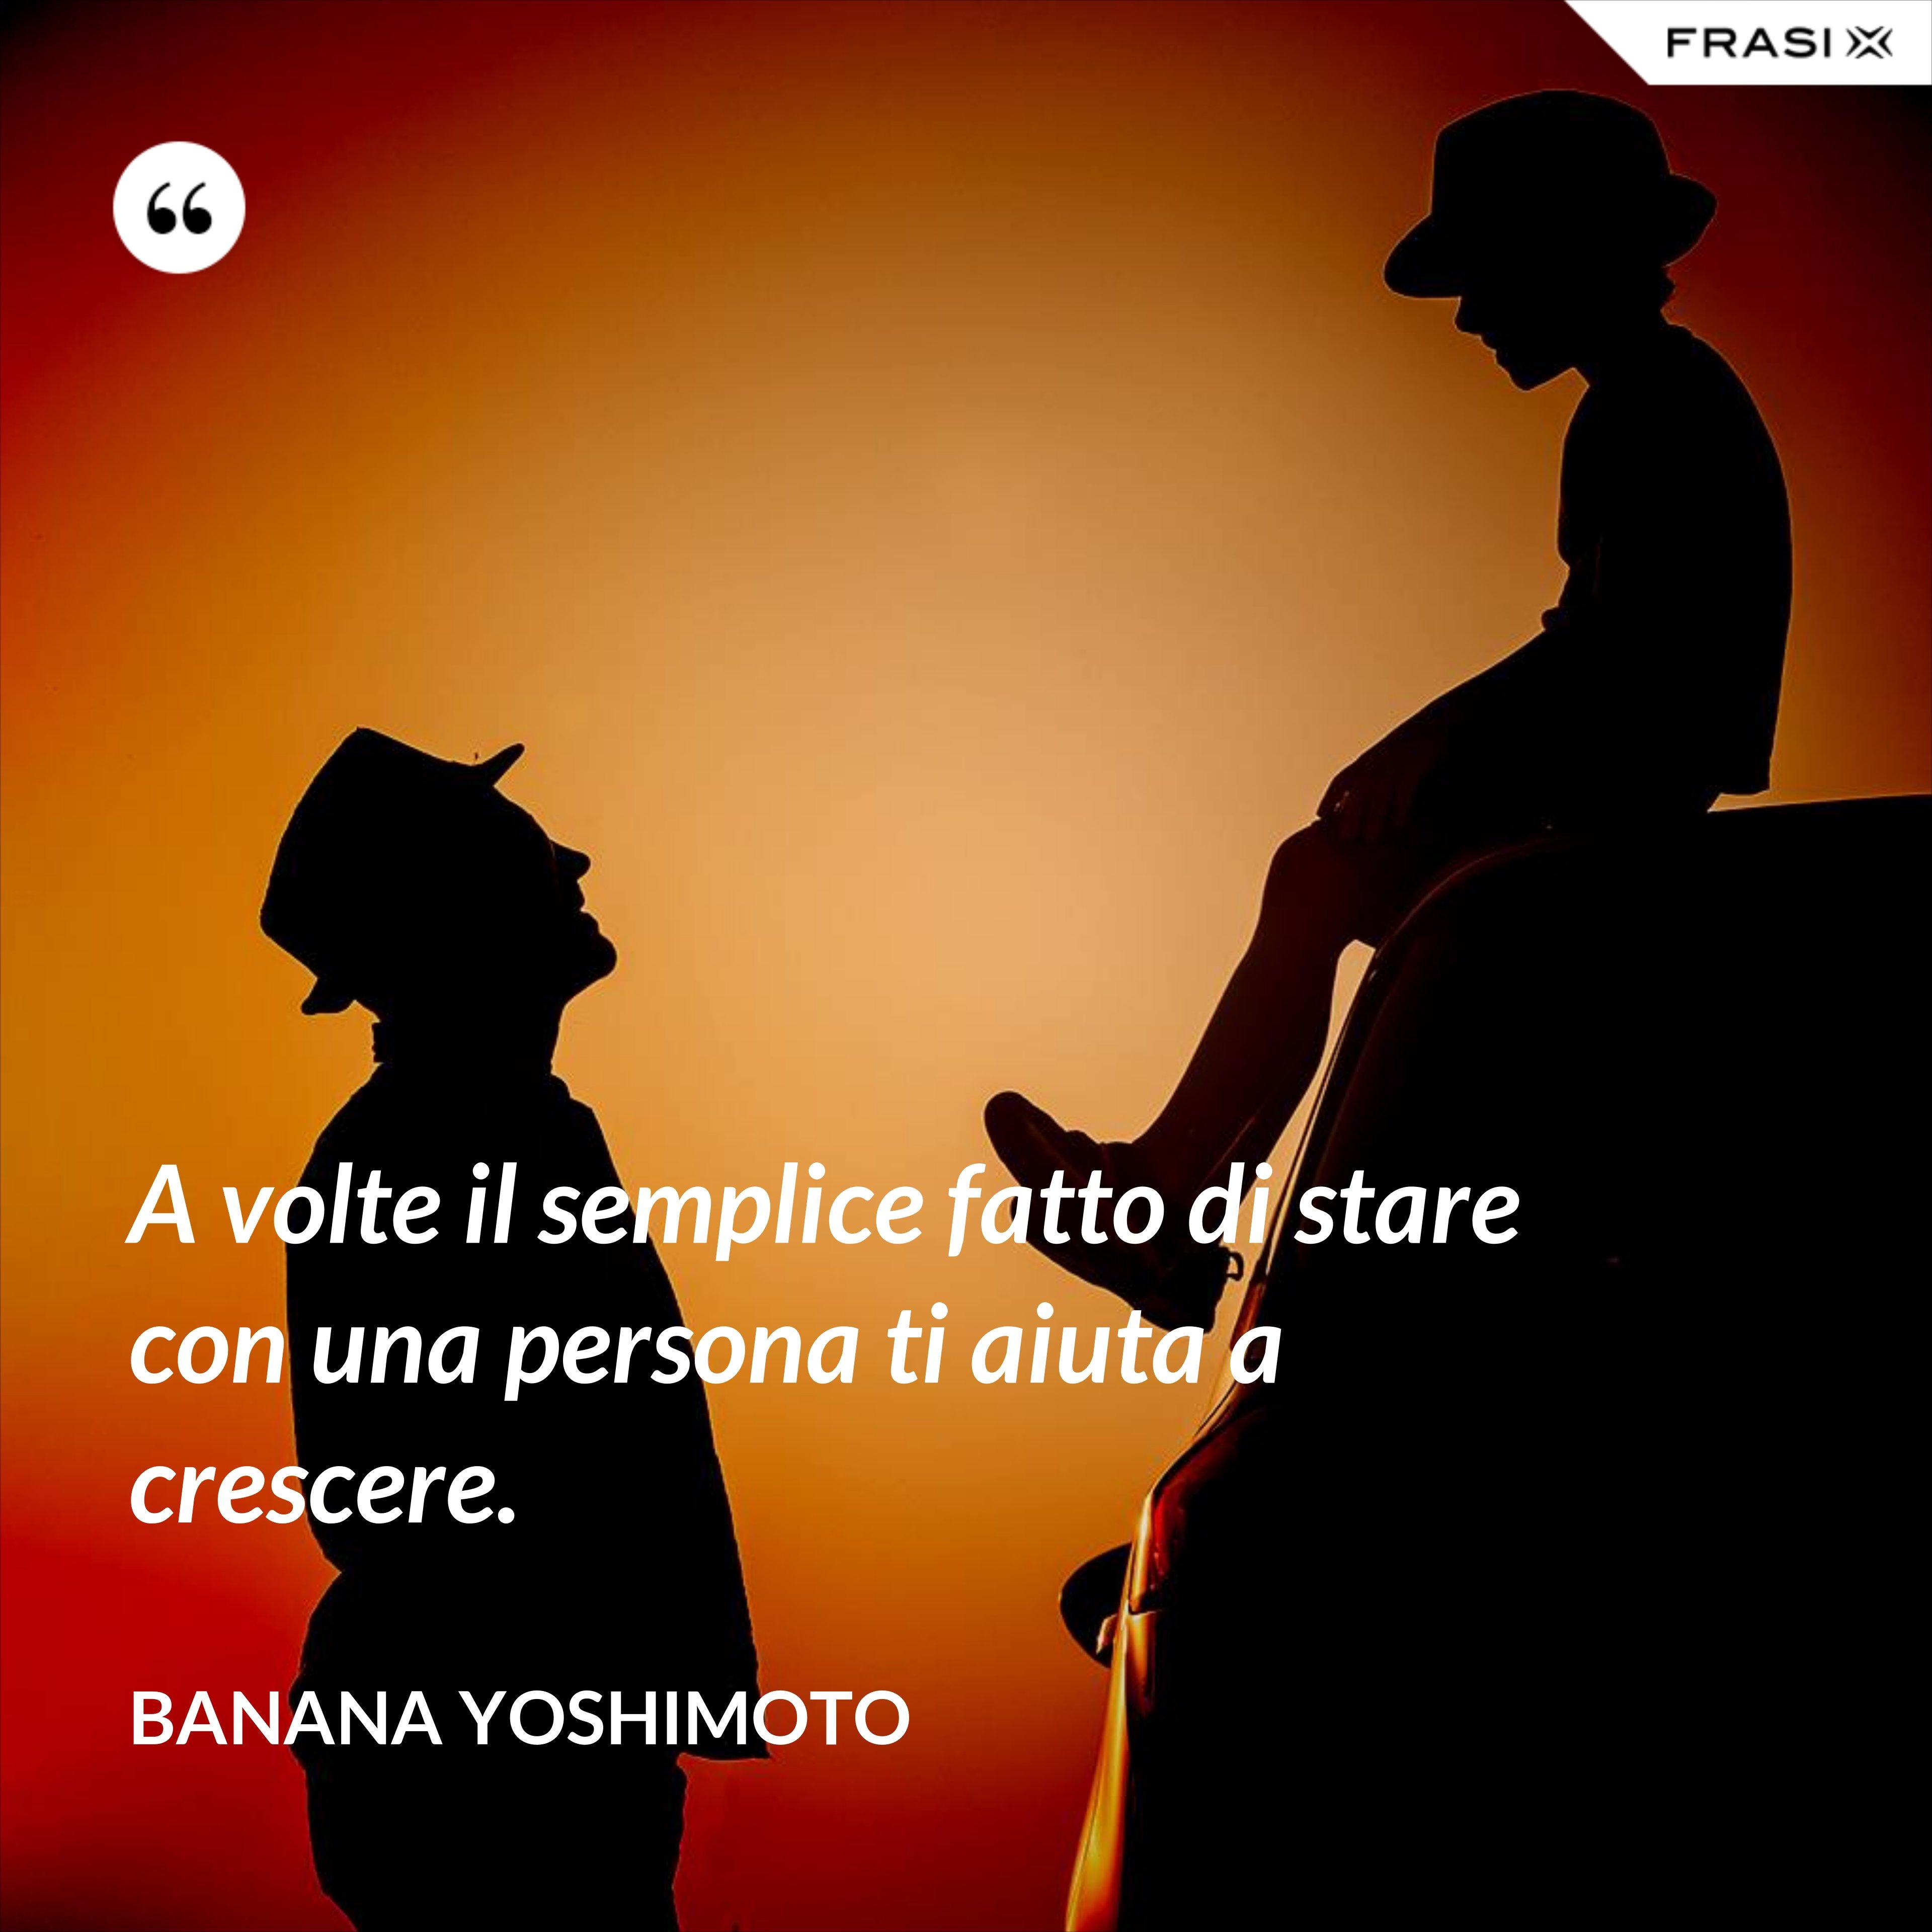 A volte il semplice fatto di stare con una persona ti aiuta a crescere. - Banana Yoshimoto